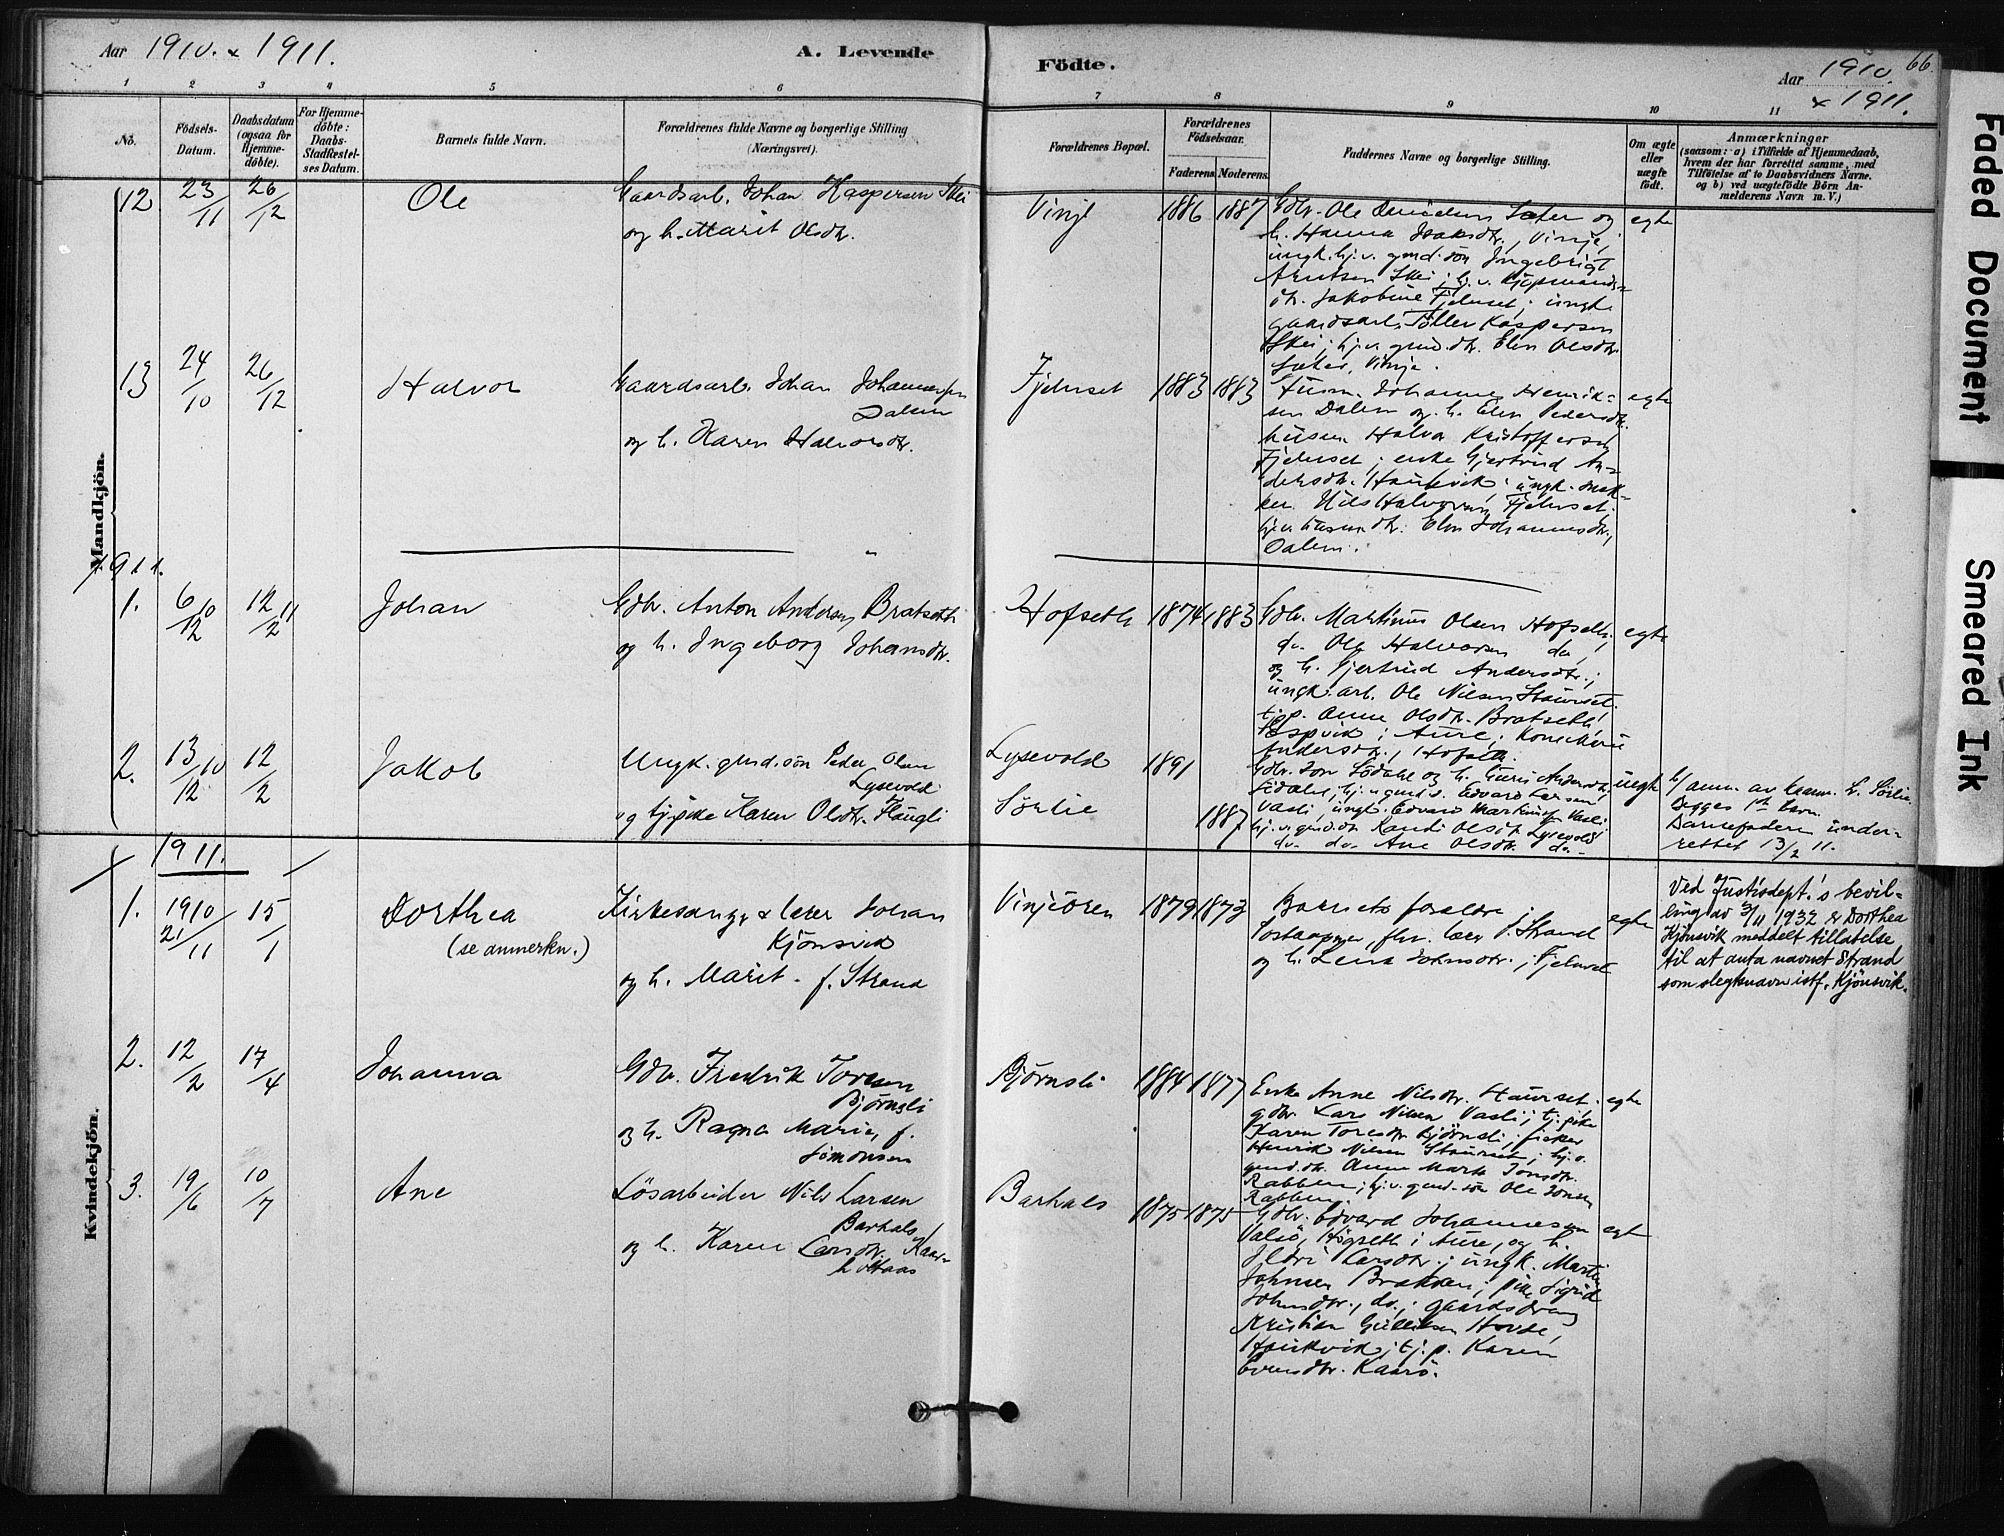 SAT, Ministerialprotokoller, klokkerbøker og fødselsregistre - Sør-Trøndelag, 631/L0512: Ministerialbok nr. 631A01, 1879-1912, s. 66